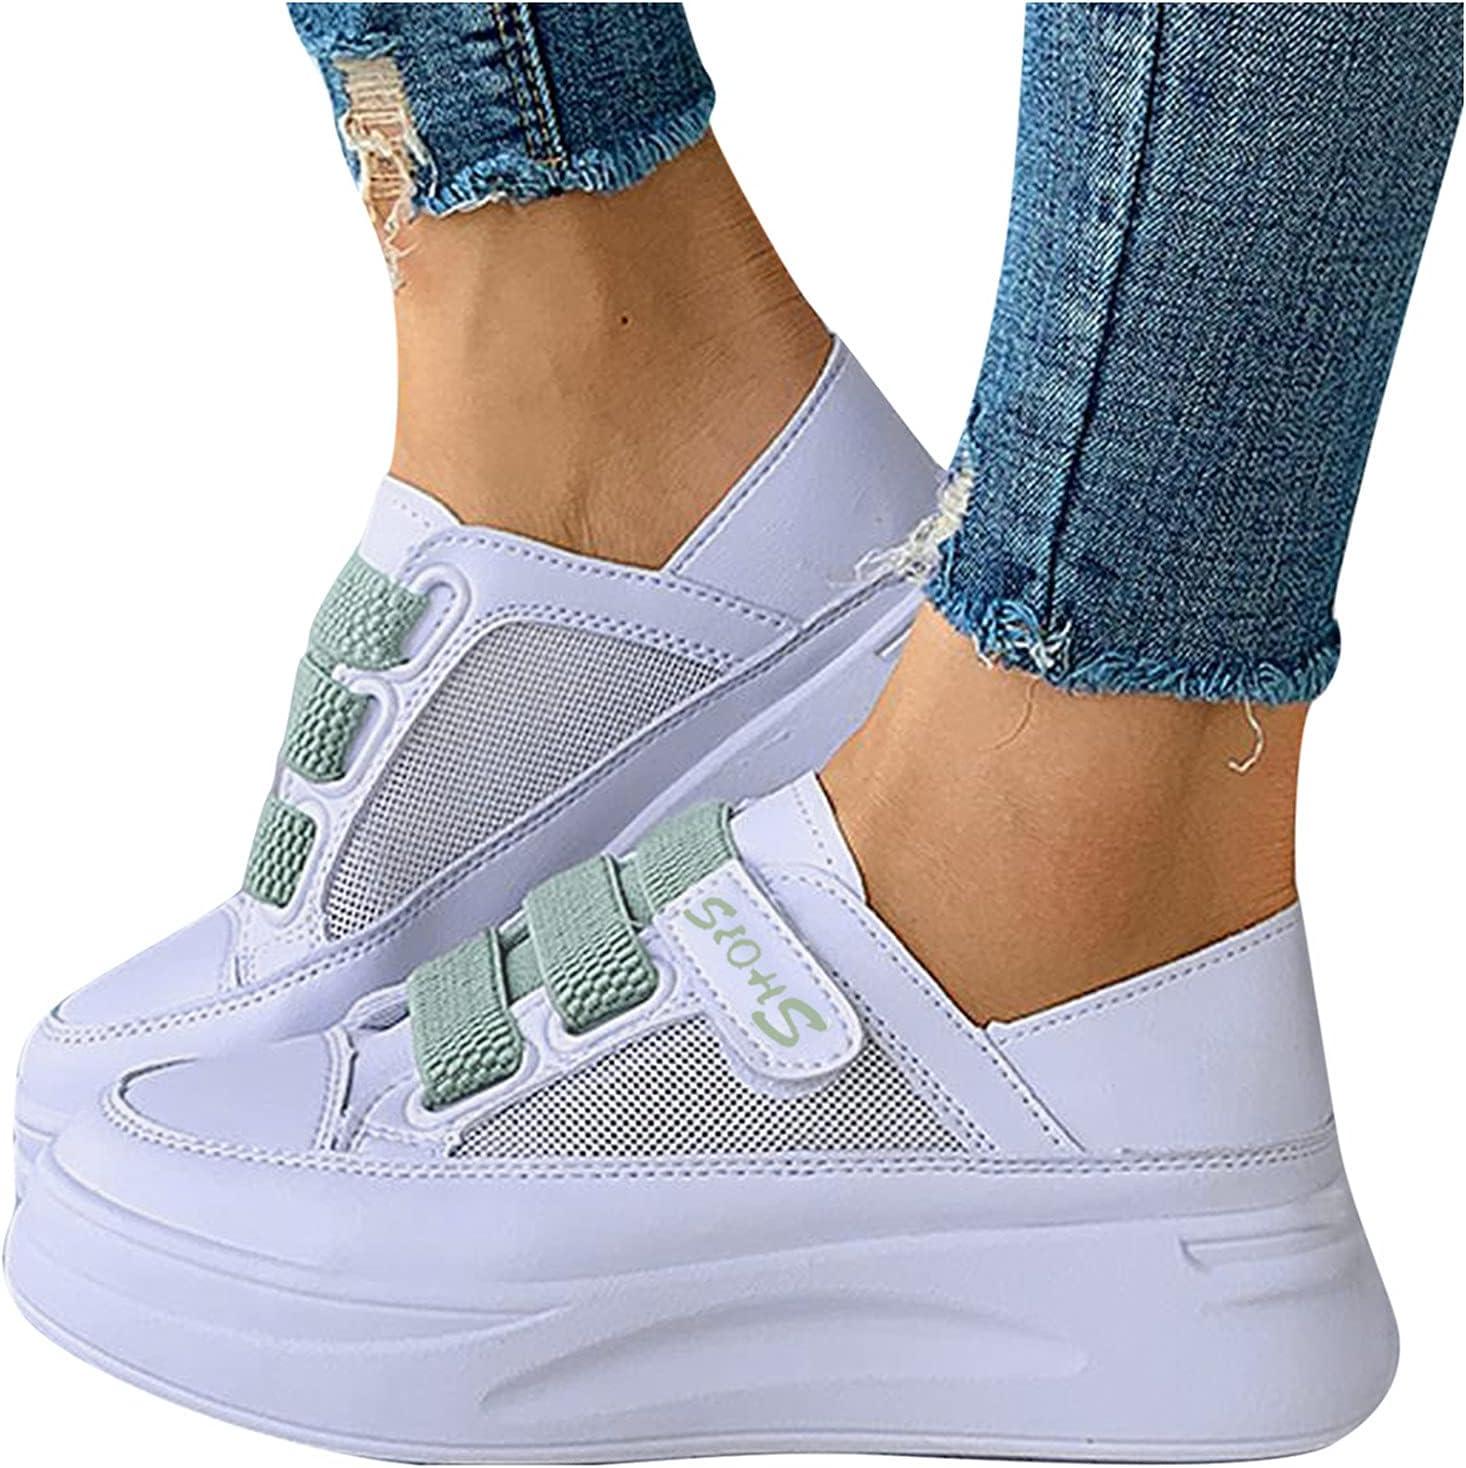 Summer Mesh Velcro Wedge Sneakers Women Casual Hook&Loop Breathable Slip On Shoes Loafers Platform Walking Shoes